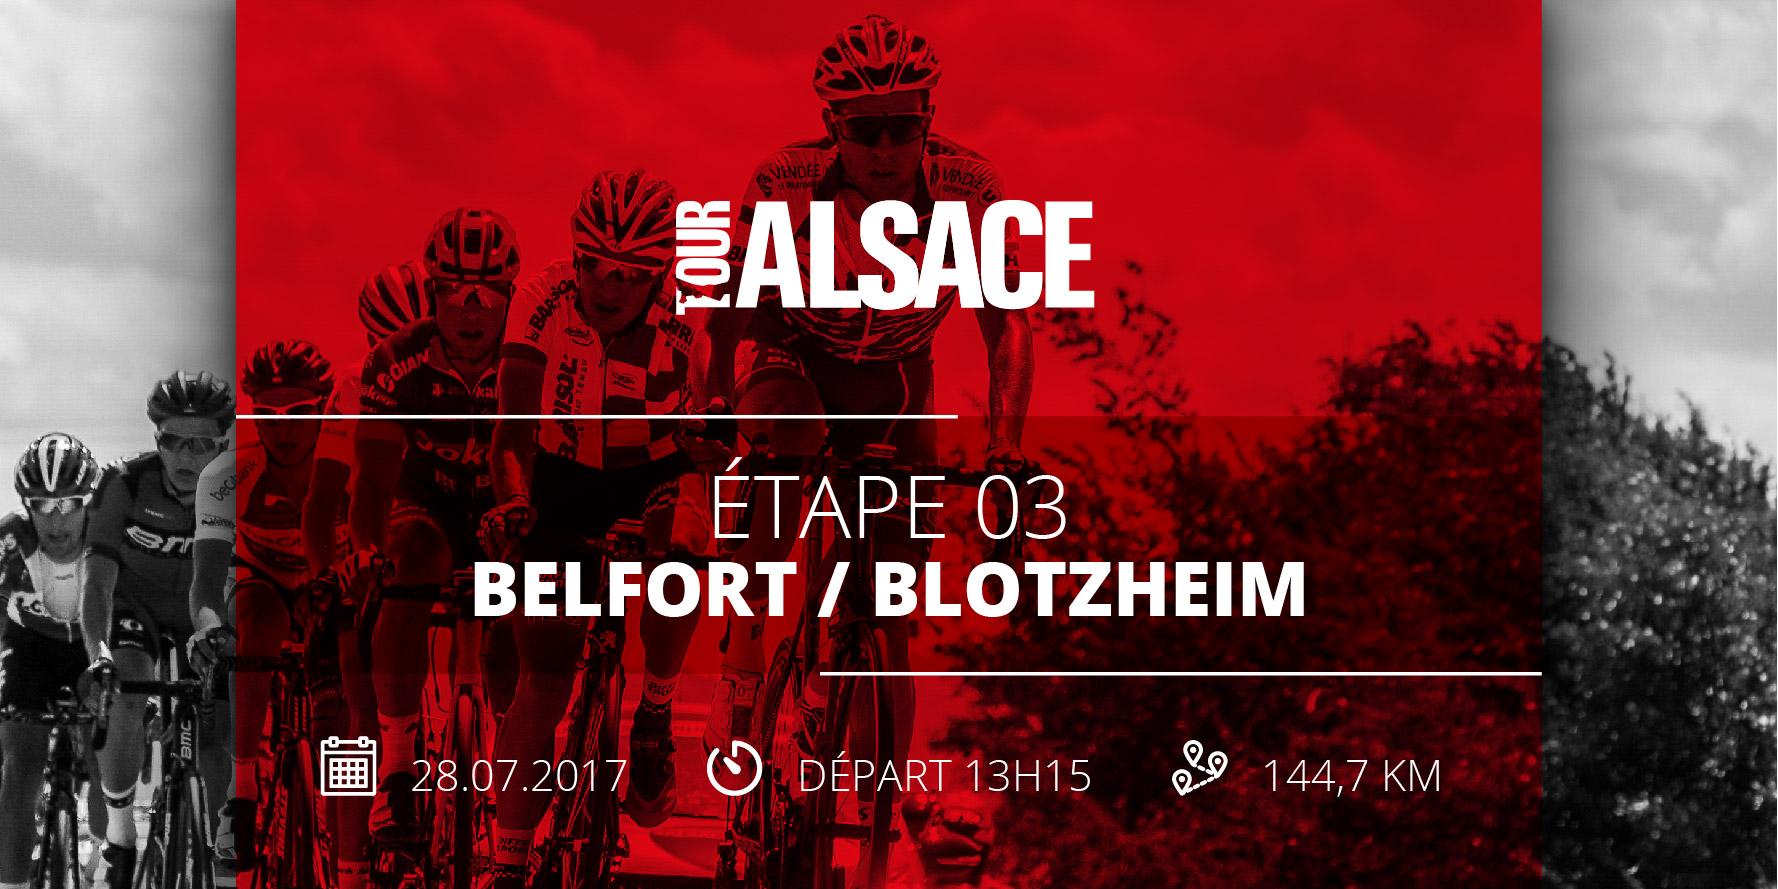 tour alsace cycliste 2017 etape 3 belfort blotzheim